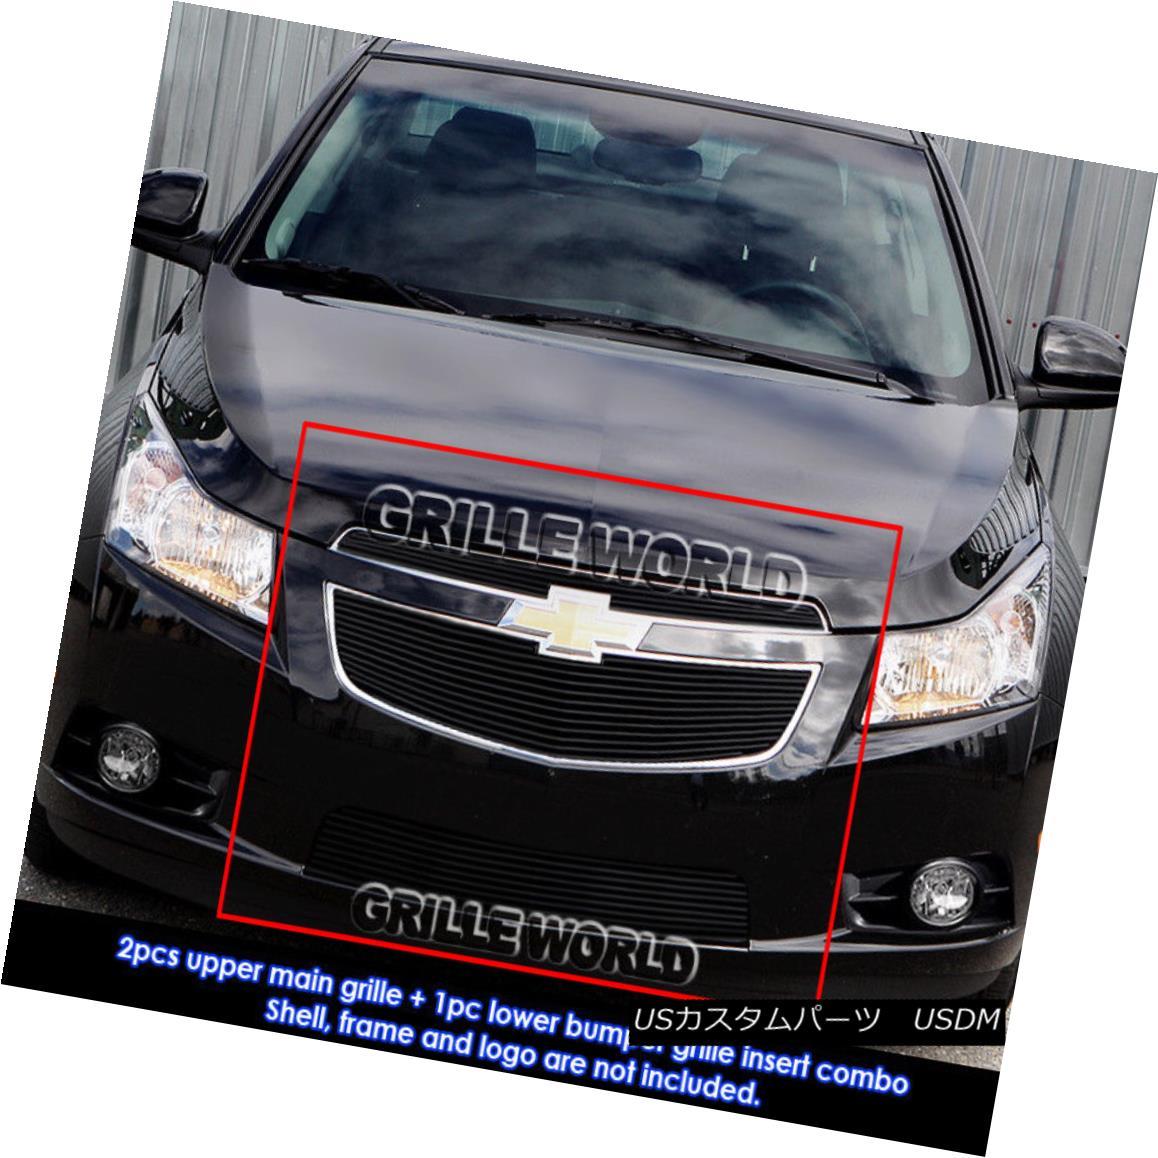 グリル For 2011-2014 Chevy Cruze LT/LTZ Black Billet Grille Grill Insert Combo 2011-2014シボレークルーズLT / LTZブラックビレットグリルグリルインサートコンボ用